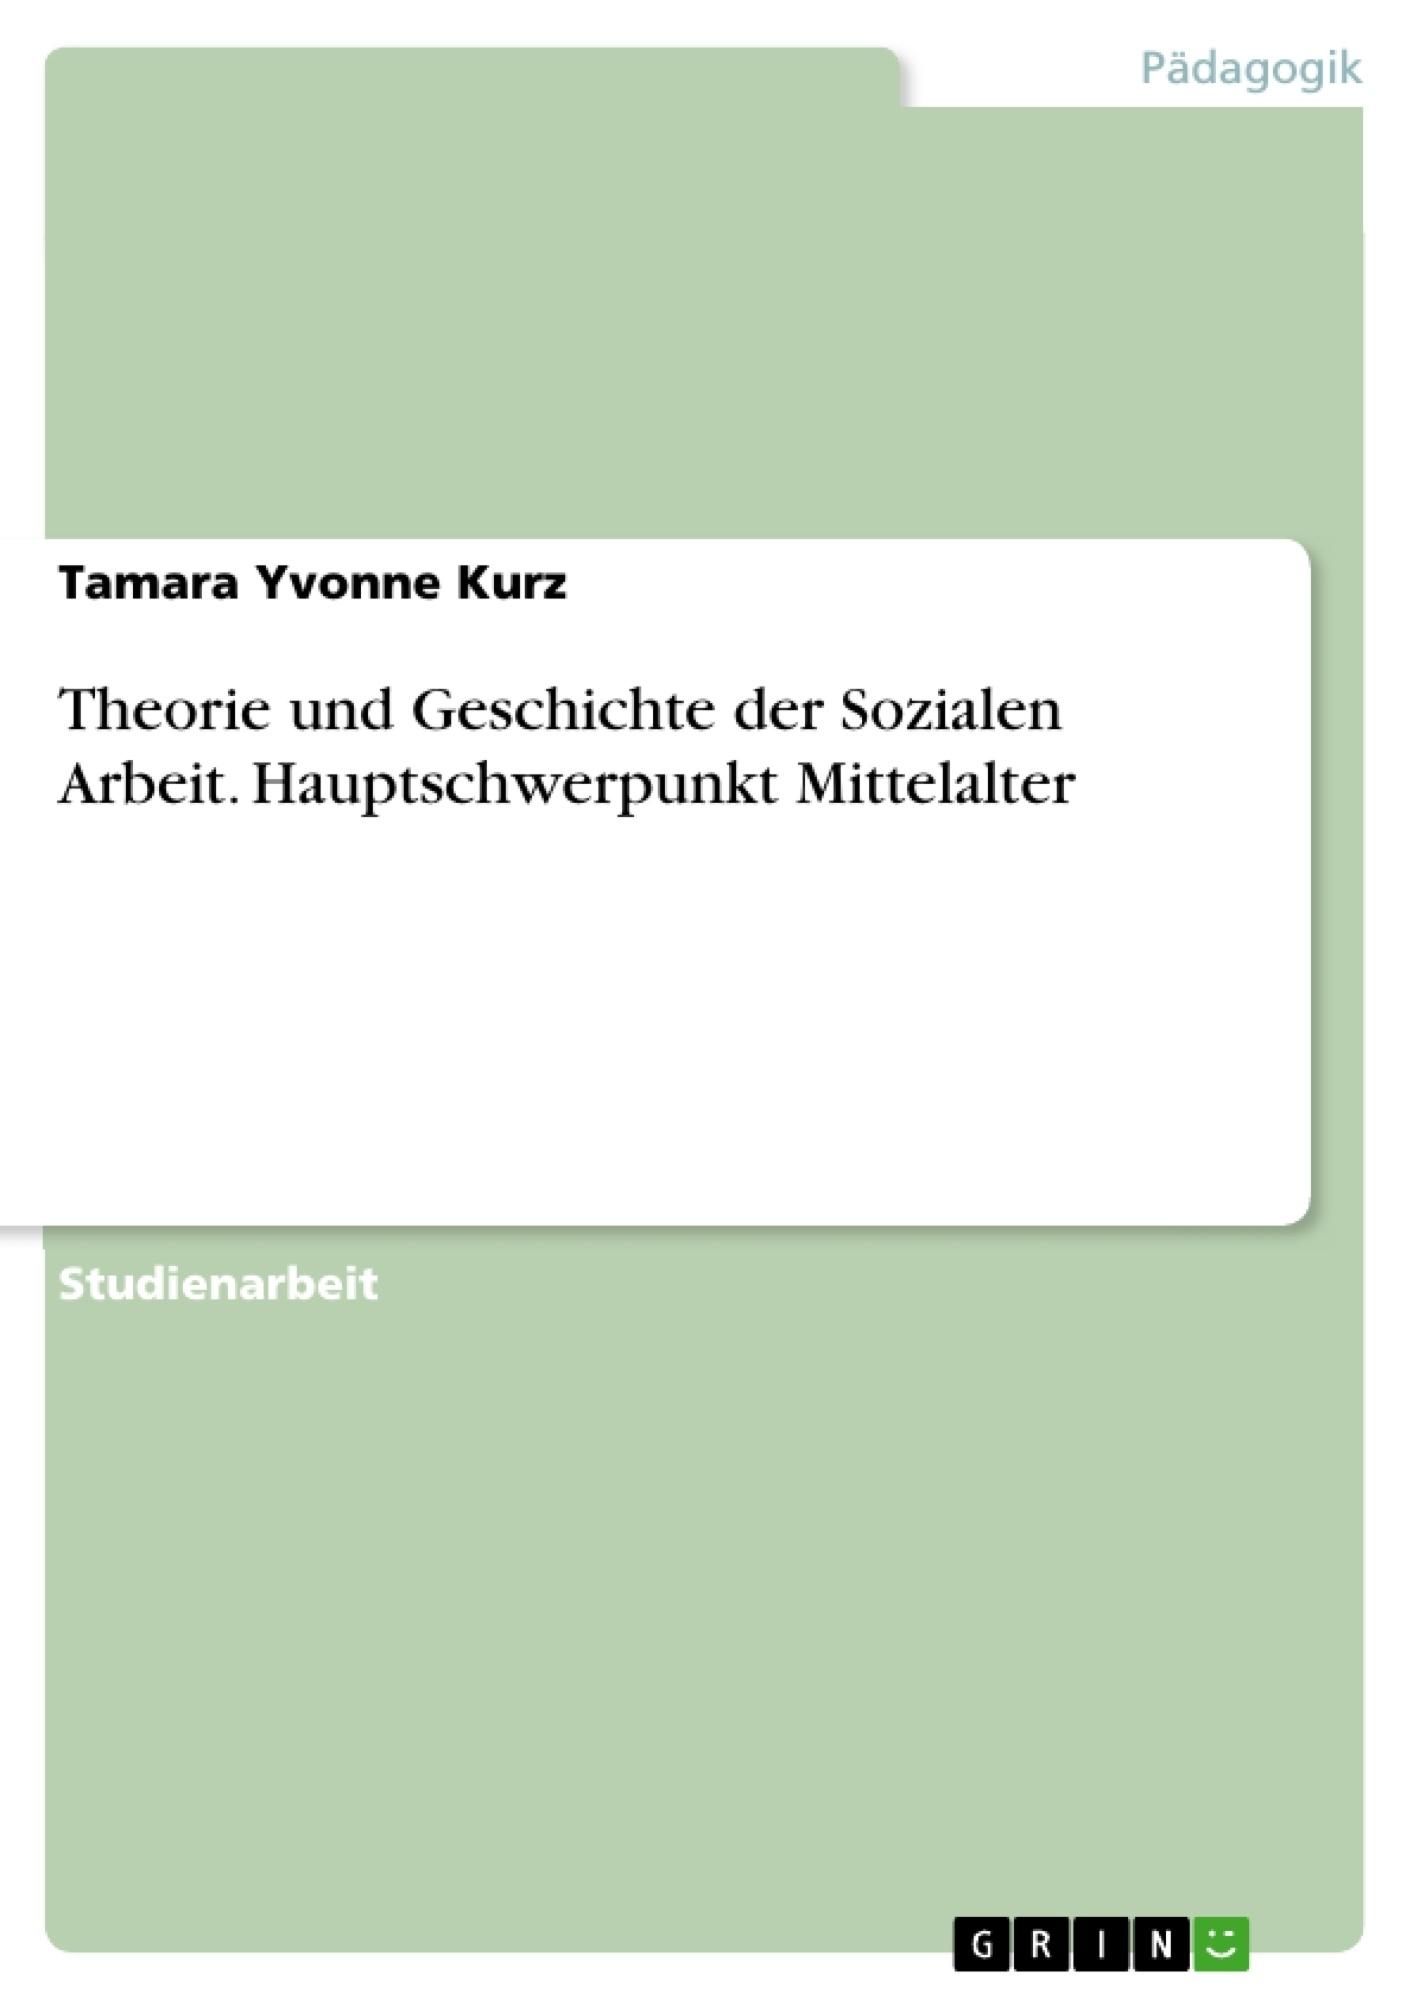 Titel: Theorie und Geschichte der Sozialen Arbeit. Hauptschwerpunkt Mittelalter